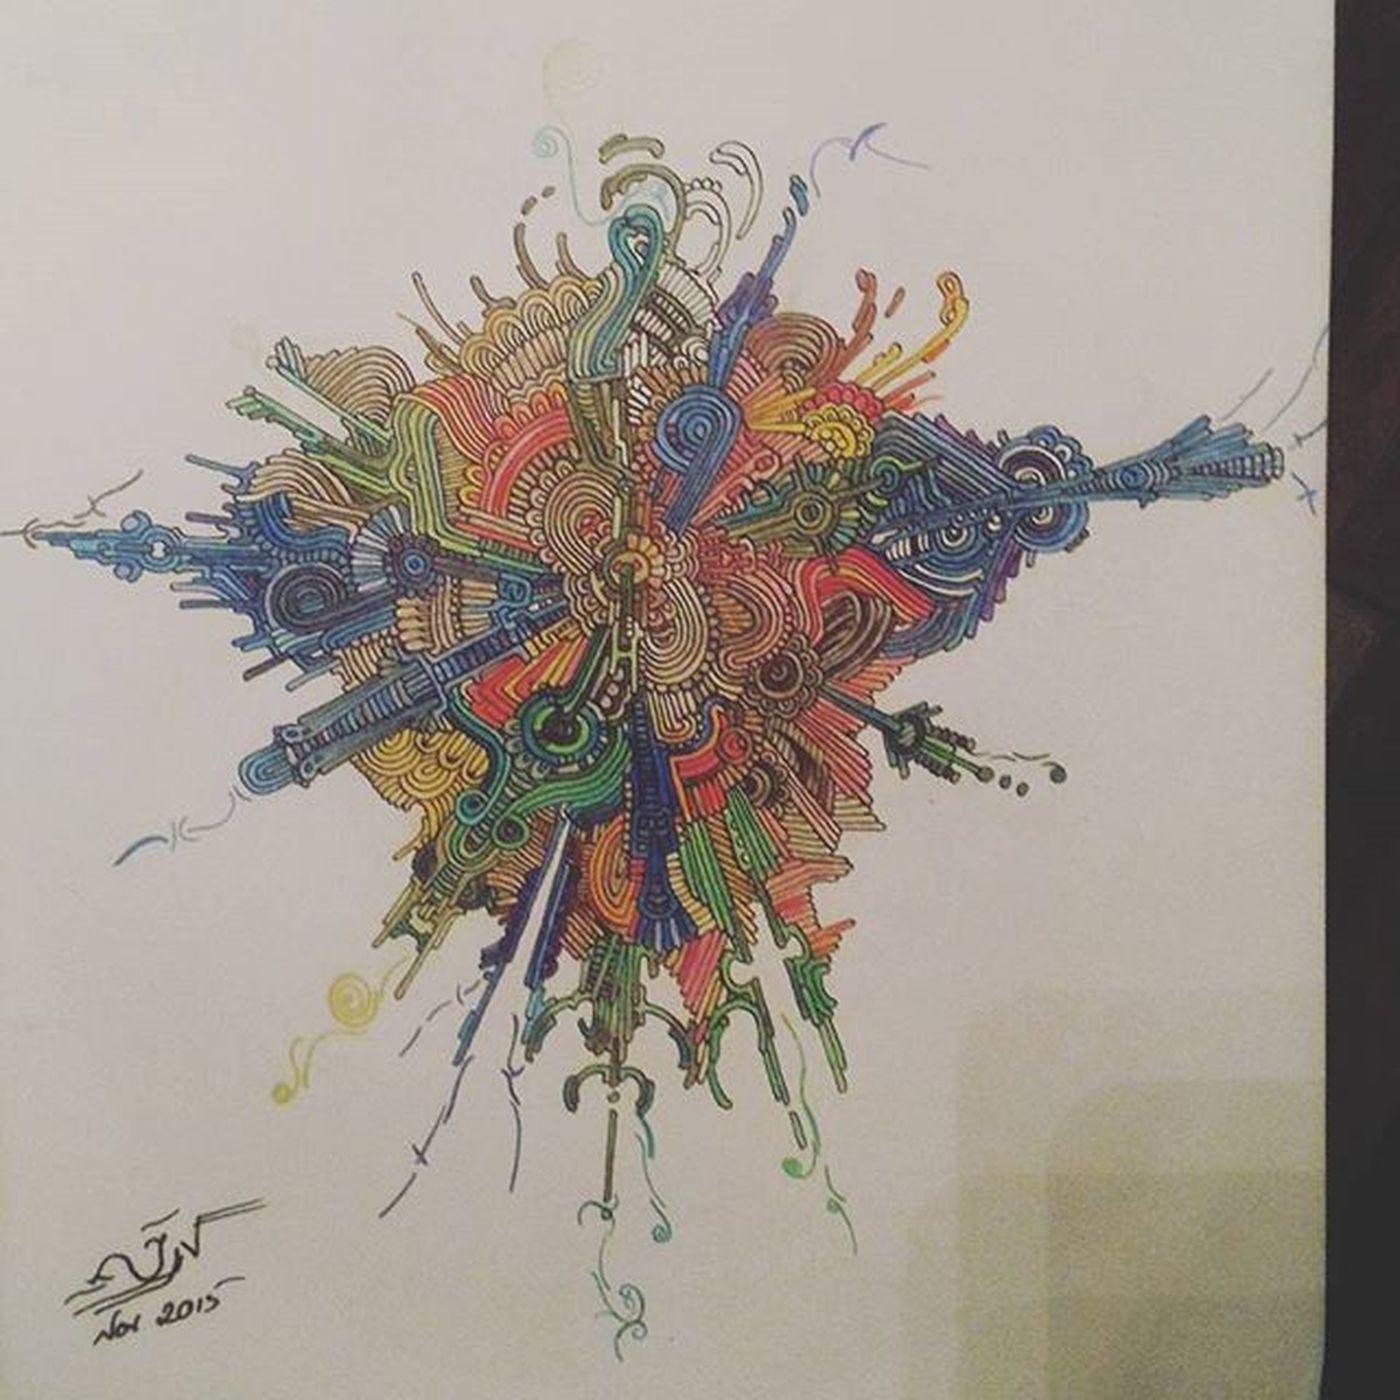 @peterdraws PeterDeligdisch PeterDraws Colormecrazy Colorful ColourPencil Color Colors Adultscancolortoo ColourPencil